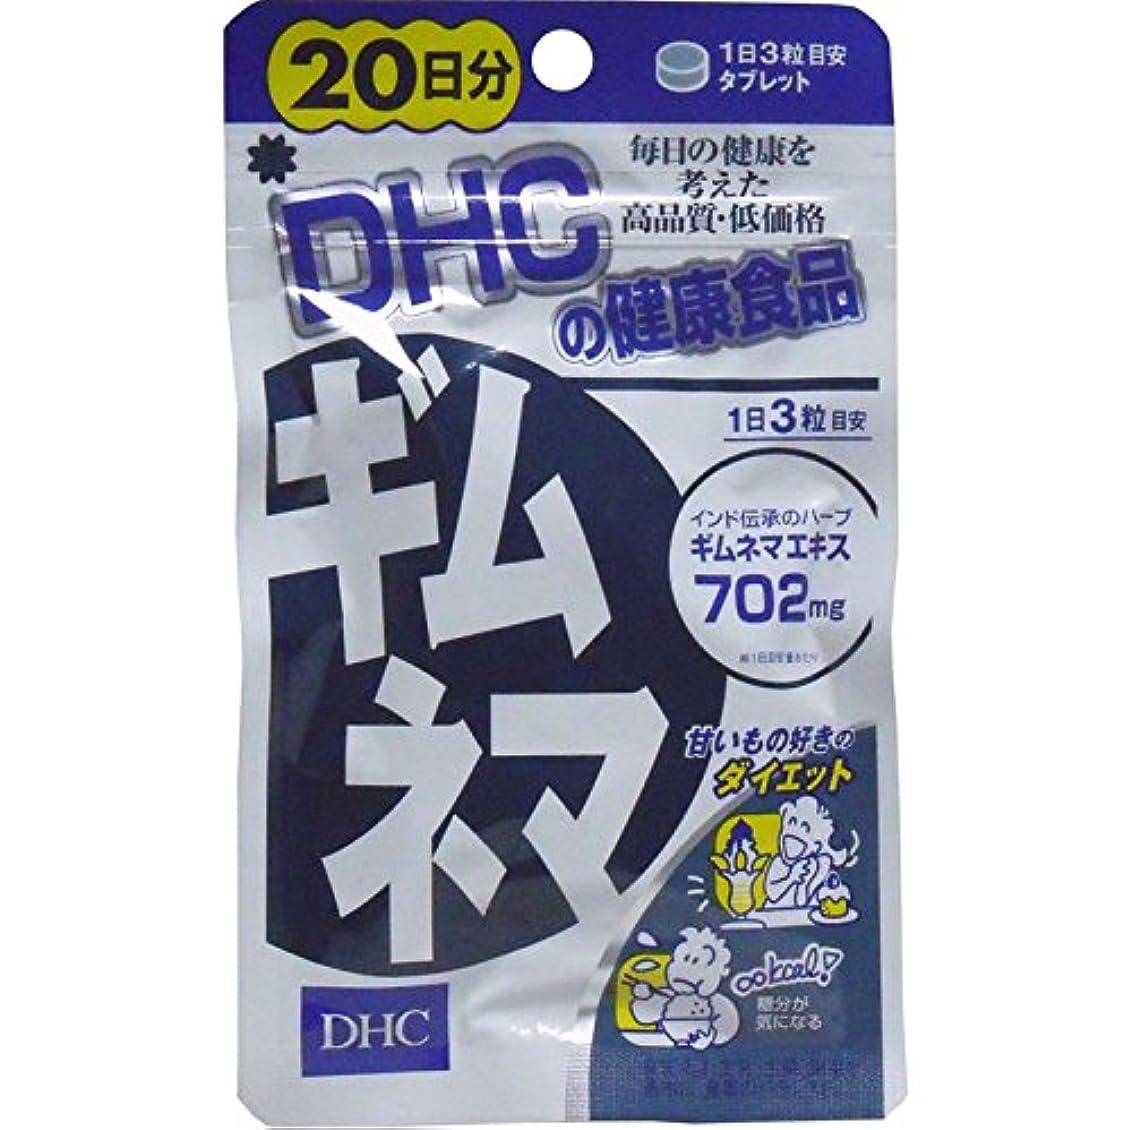 和解するぬれた三十我慢せずに余分な糖分をブロック DHC ギムネマ 20日分 60粒